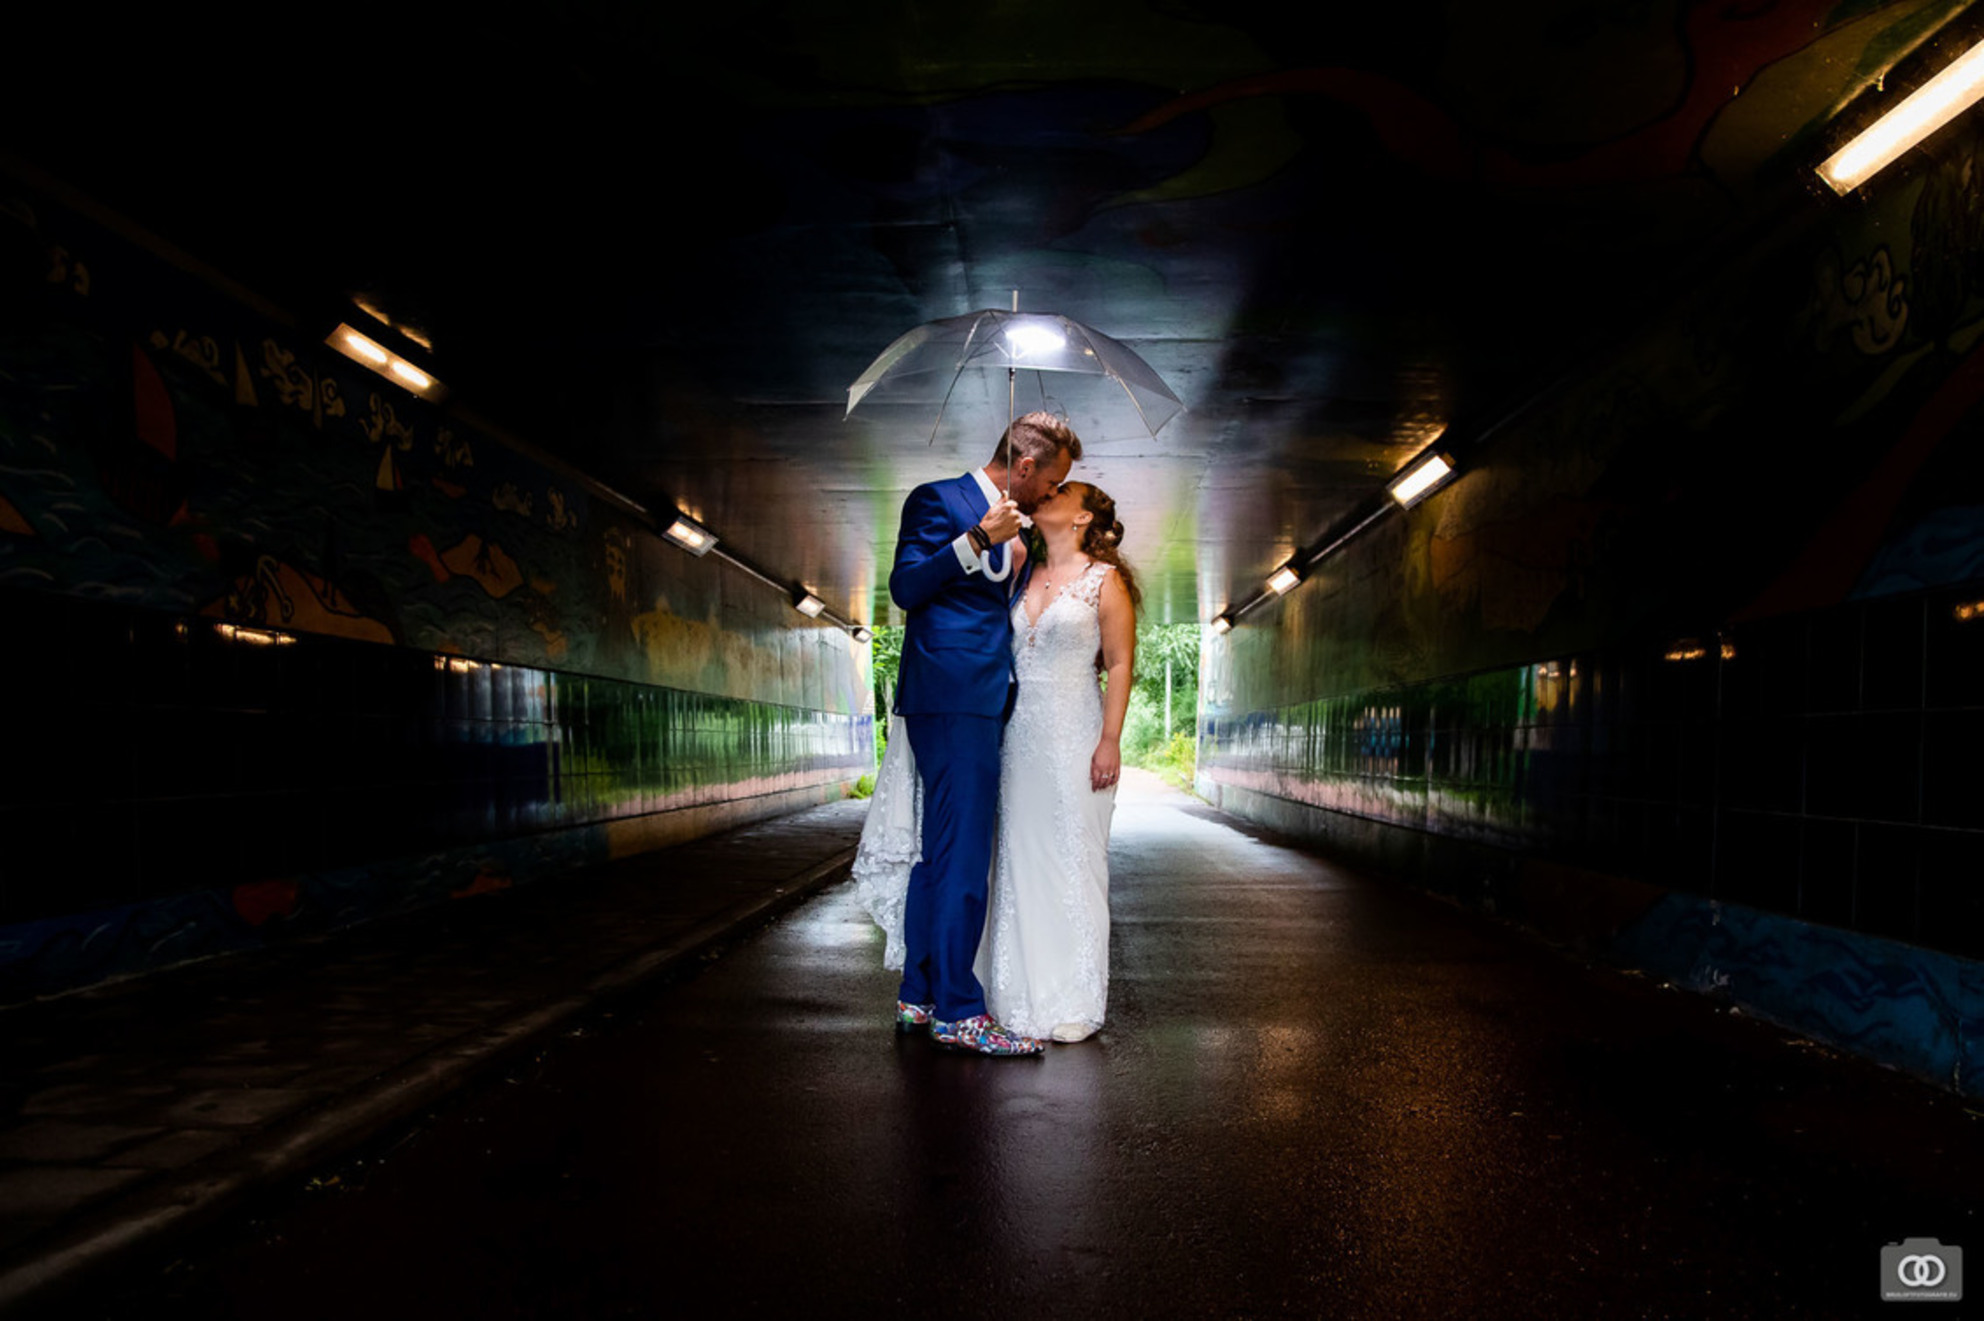 Fietstunnel - Tijdens de regen schoten we een fietstunnel in, en maakte ik deze foto - foto door robinlooy op 28-01-2021 - deze foto bevat: donker, trouwen, tunnel, bruiloft, bruidspaar, trouwfotografie, bruidsfotograaf, trouwfotograaf, bruiloftsfotografie, bruiloftsfotograaf - Deze foto mag gebruikt worden in een Zoom.nl publicatie